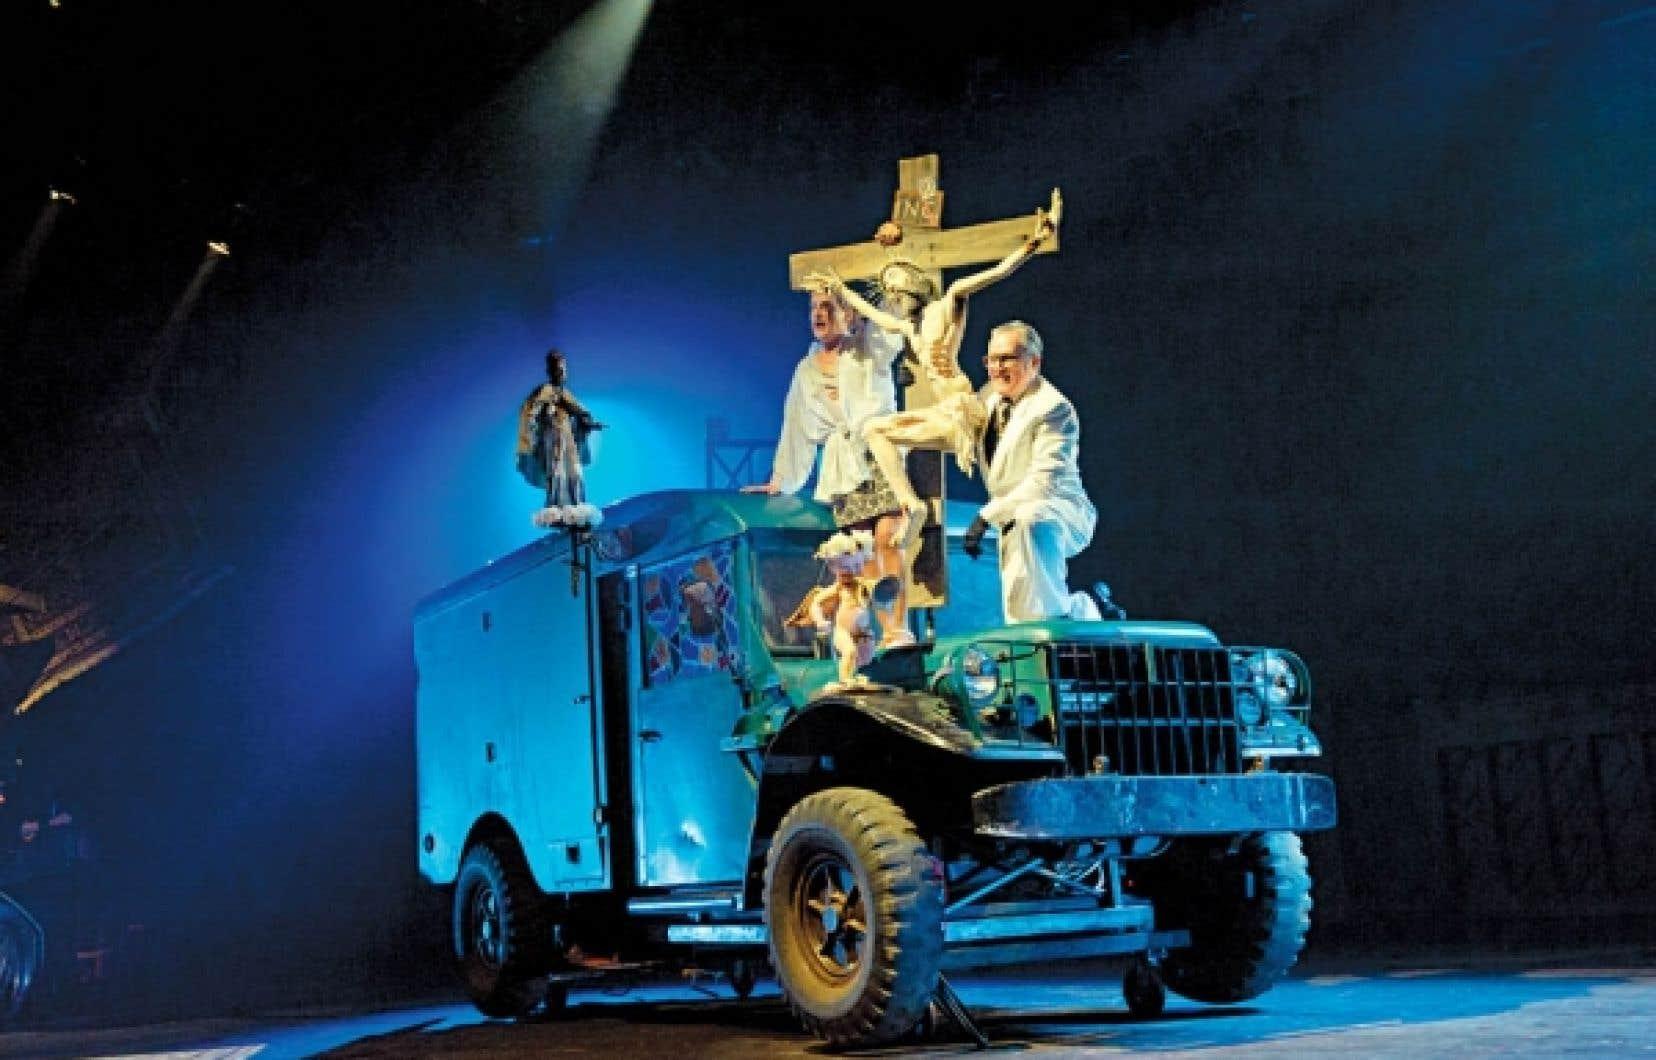 Dans L&rsquo;Op&eacute;ra de quat&rsquo;sous, le camion-roulotte est magnifiquement exploit&eacute;.<br />